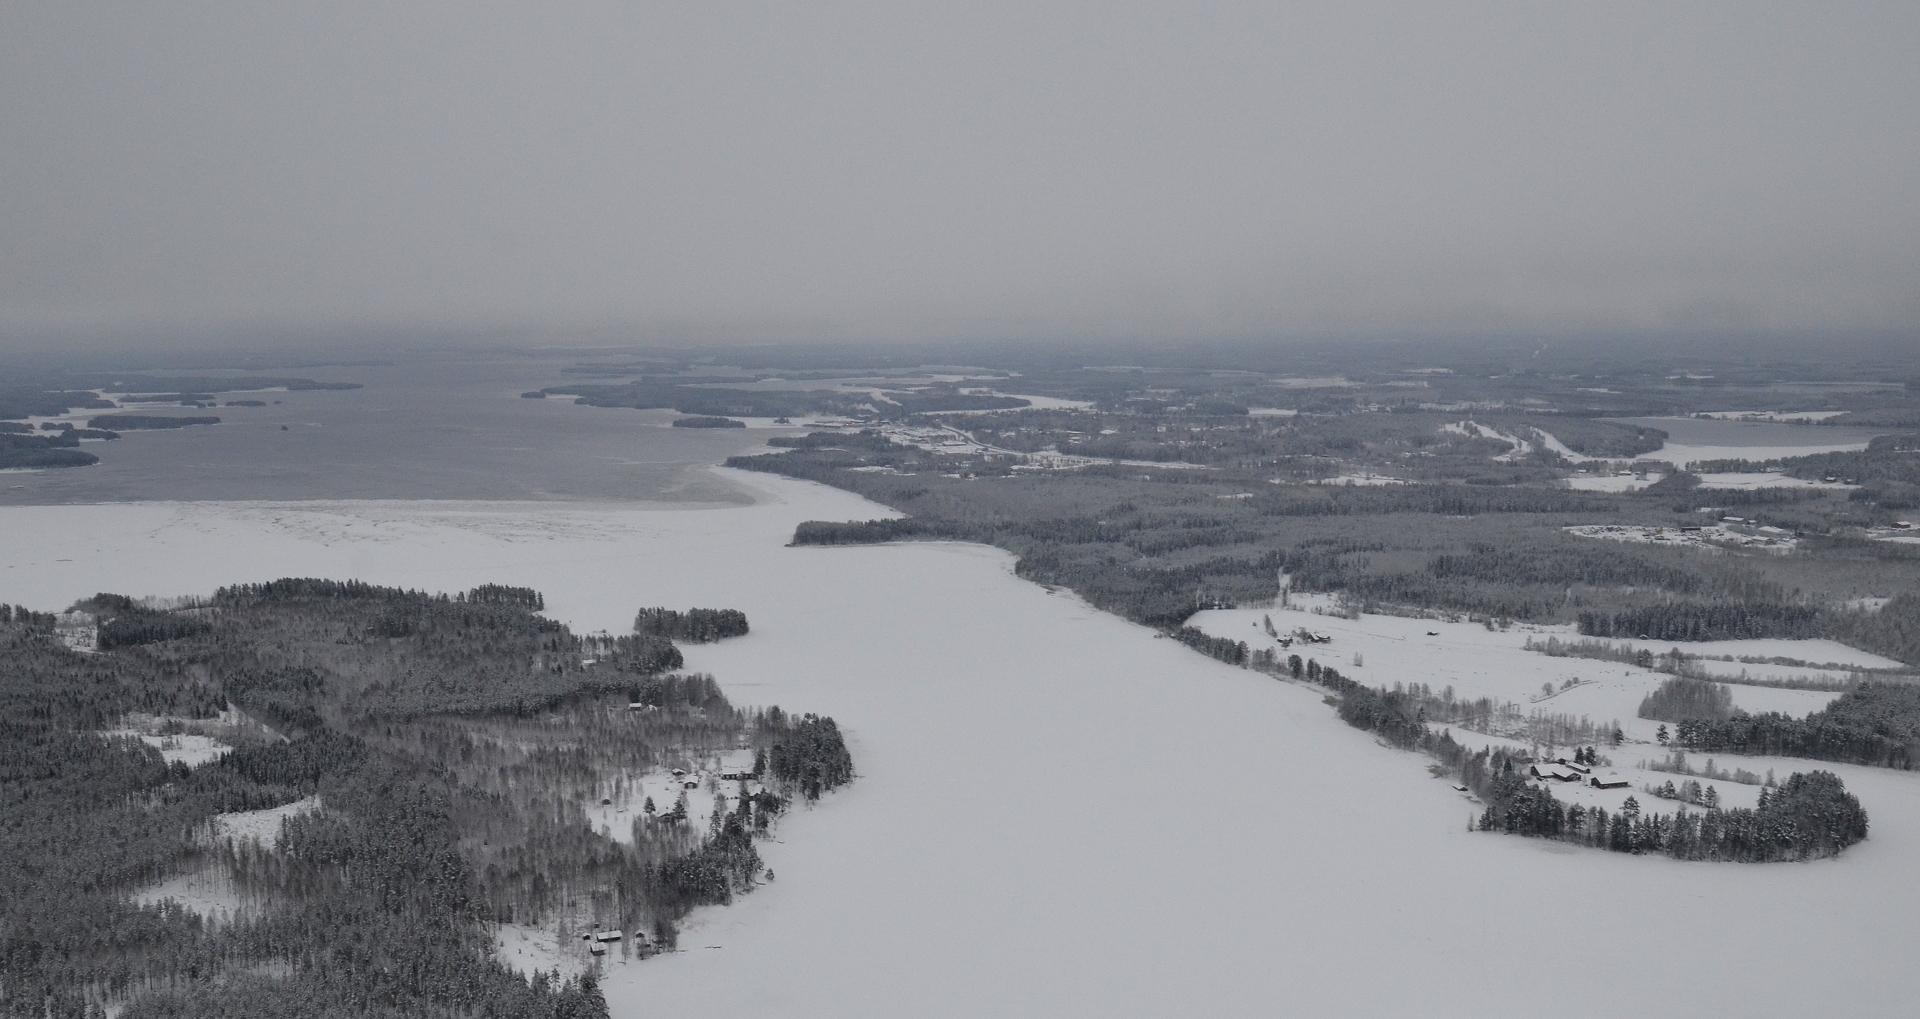 Vasemmalla Vermatsaari, tummempi jää vasta muodostunutta, kun lumipeite puuttuu. 17.12.2017.